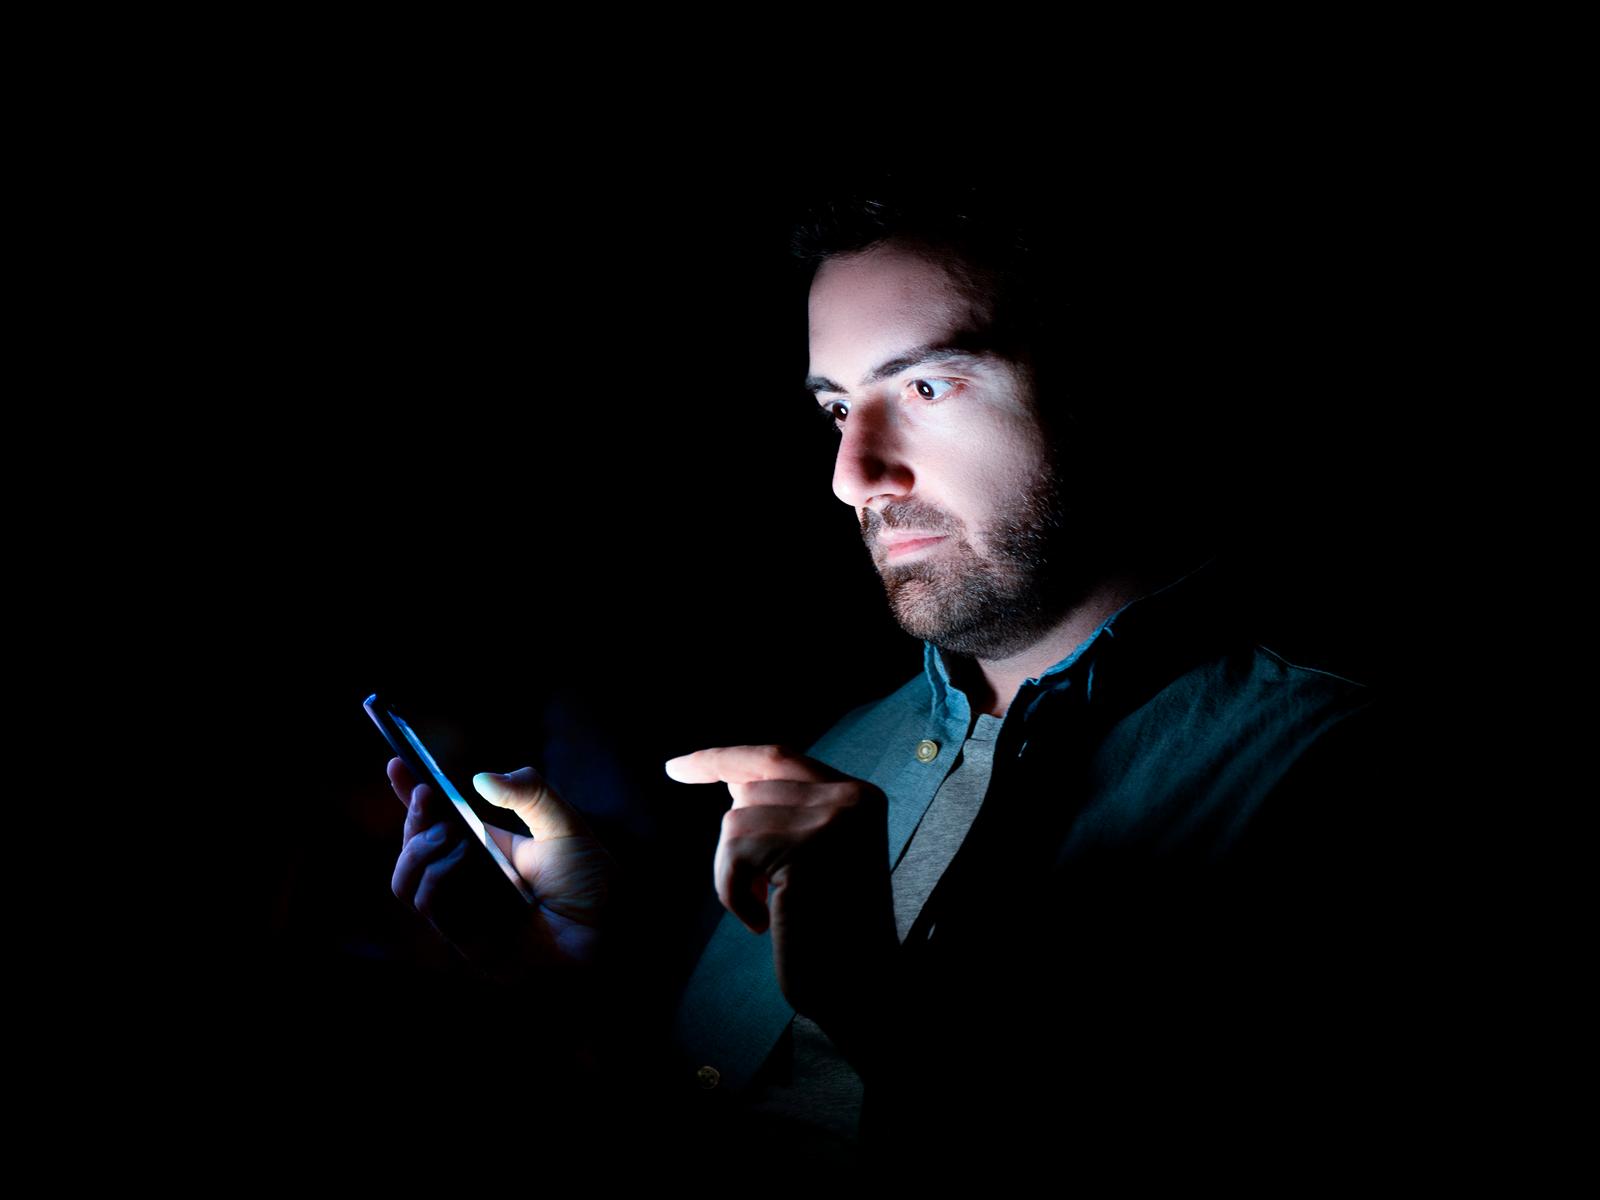 Aplicativos que compartilham pornô: como posicionar-se?